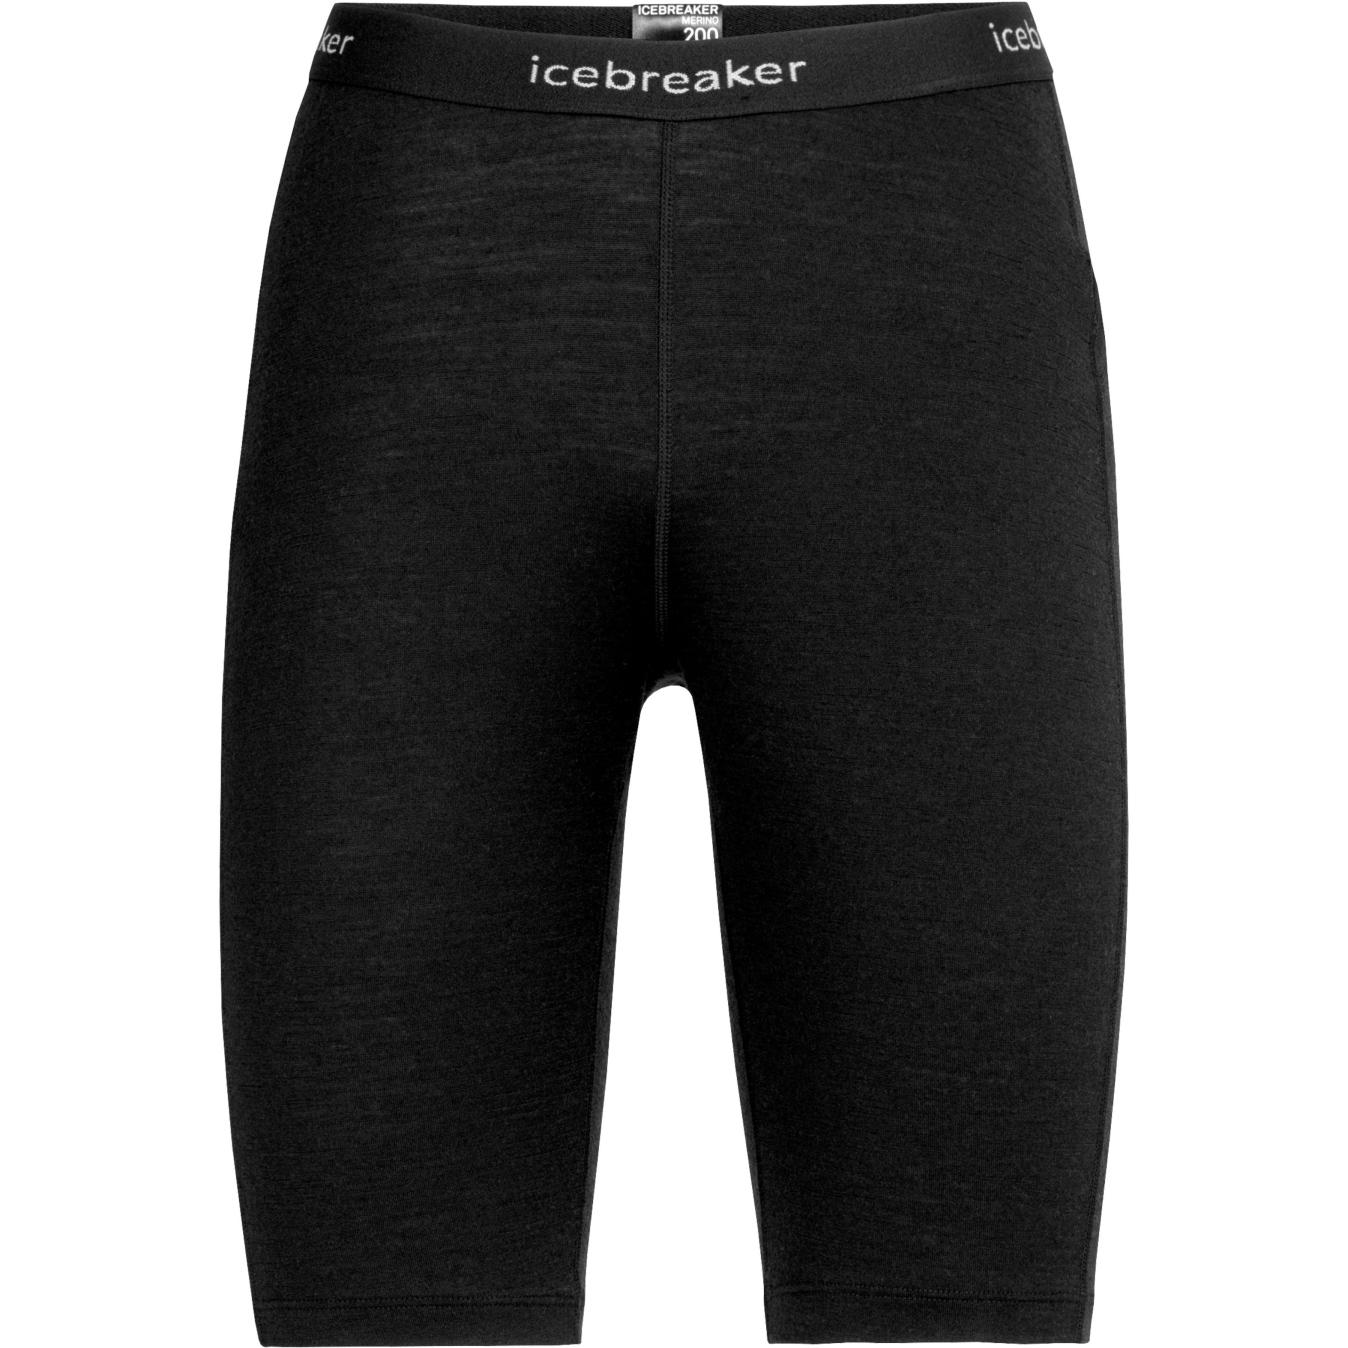 Produktbild von Icebreaker 200 Oasis Damen Shorts - Black